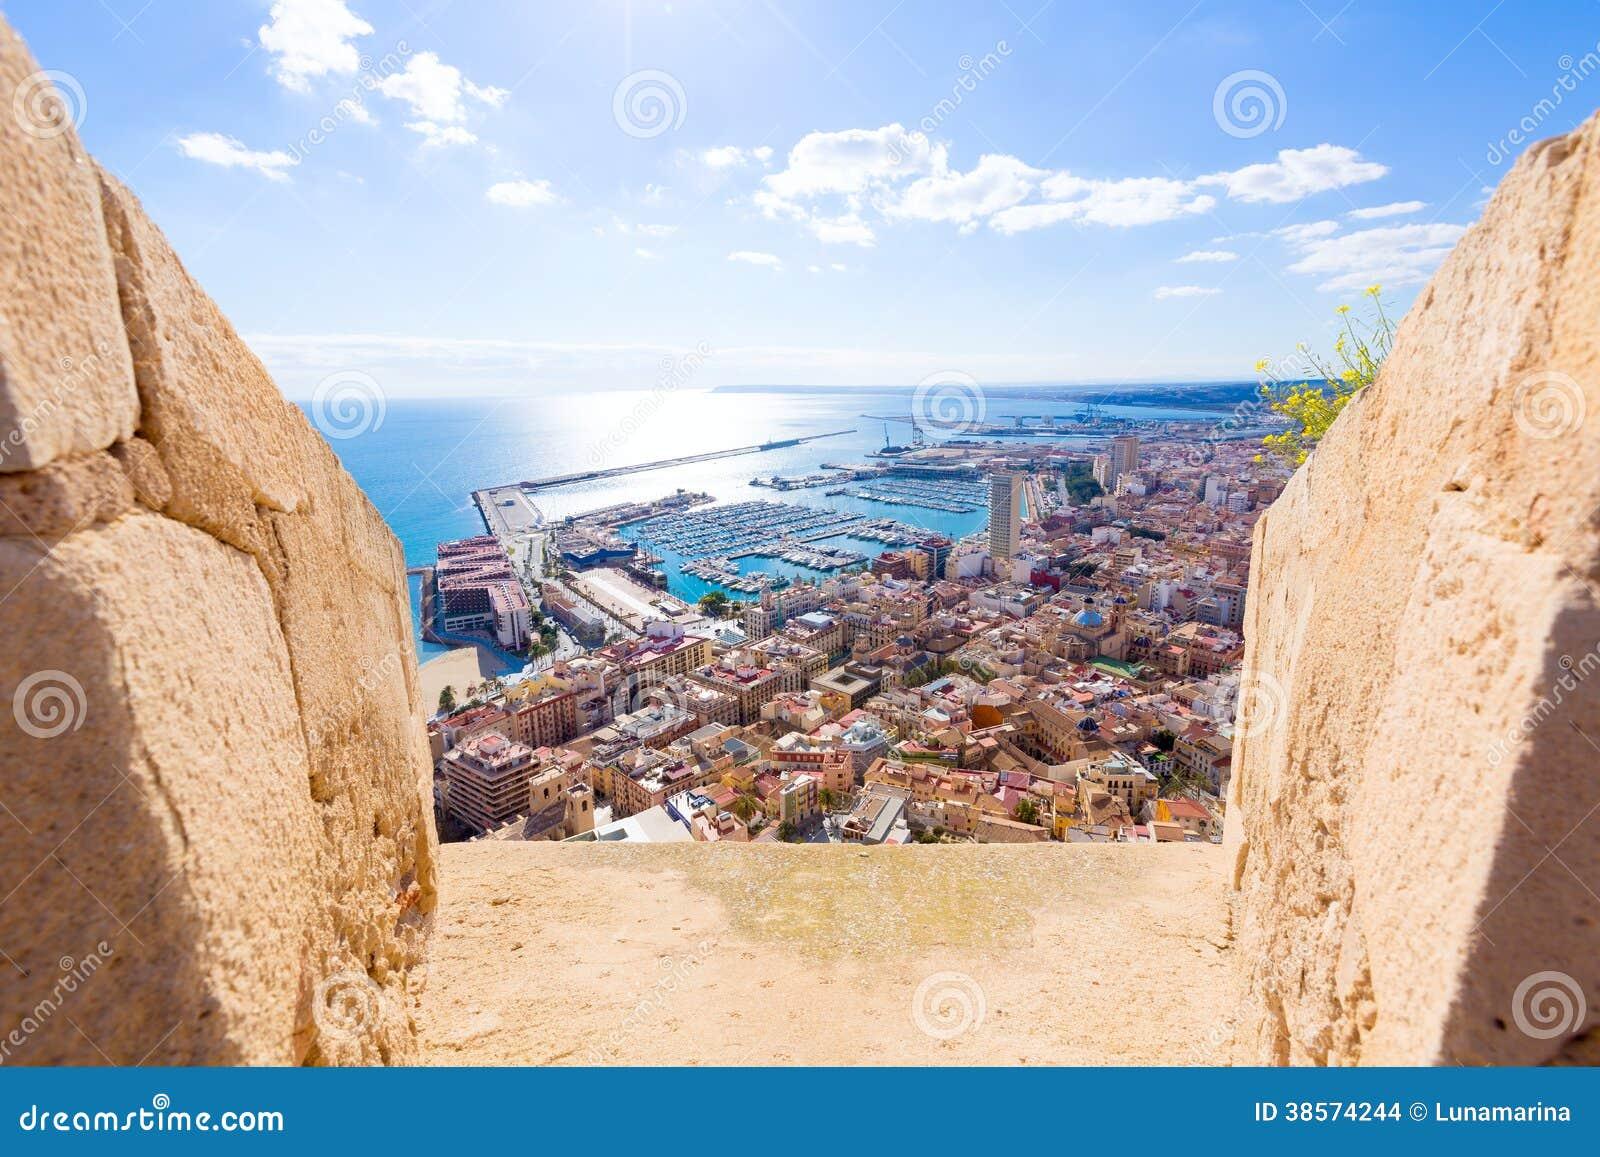 Alicante skyline santa barbara castle spain stock images image 38574244 - Stock uno alicante ...